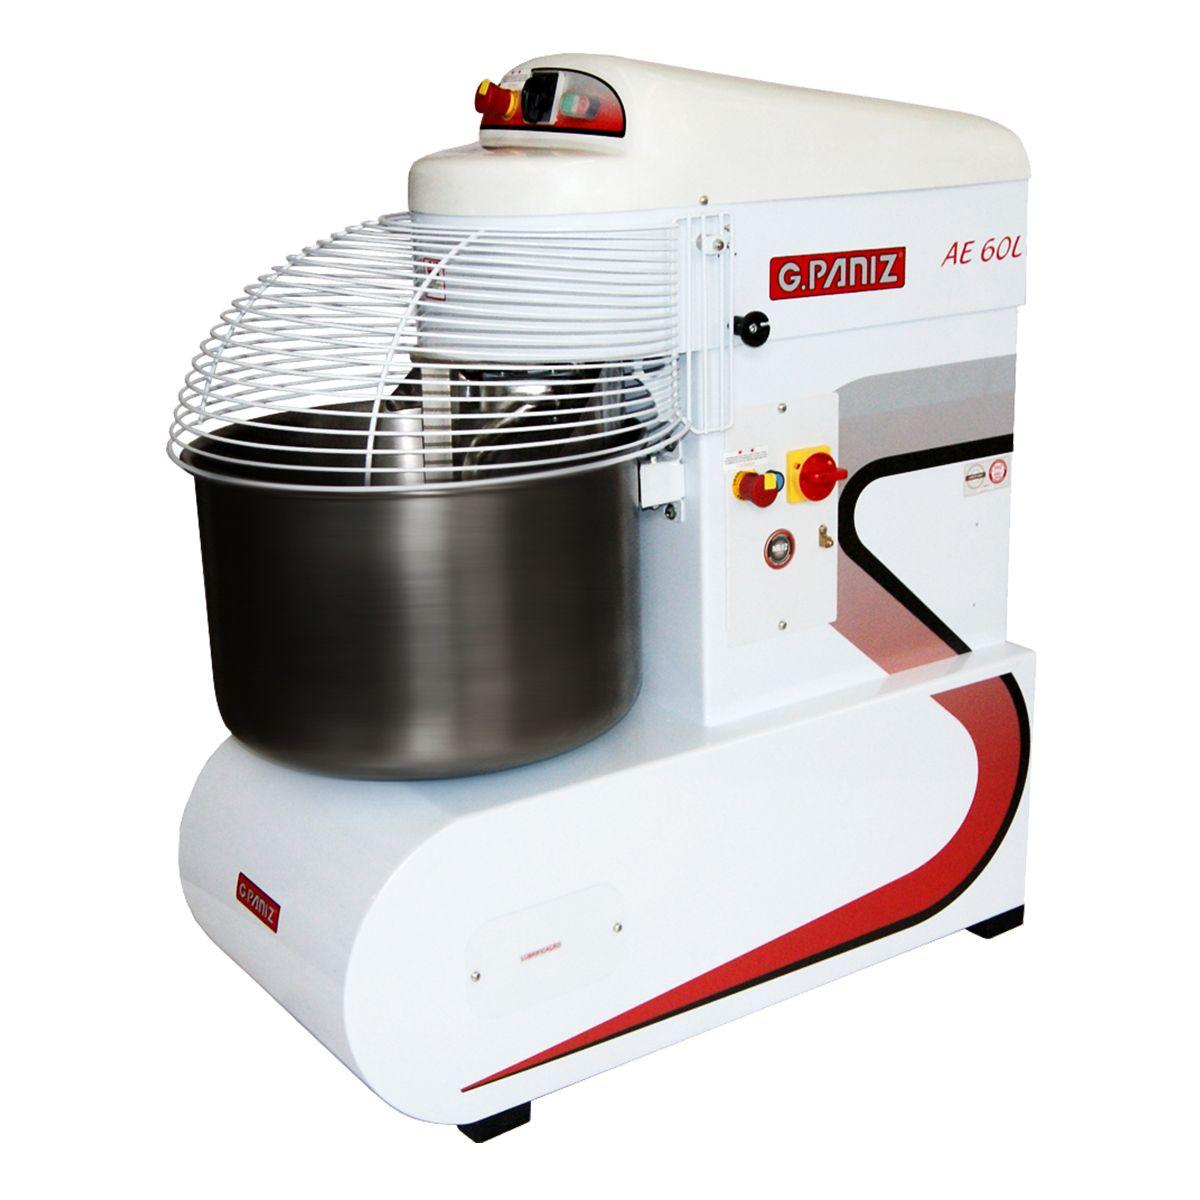 Amassadeira Espiral Elétrica 60 Kg 220V 3Cv Monofásica Ae60L - G-Paniz